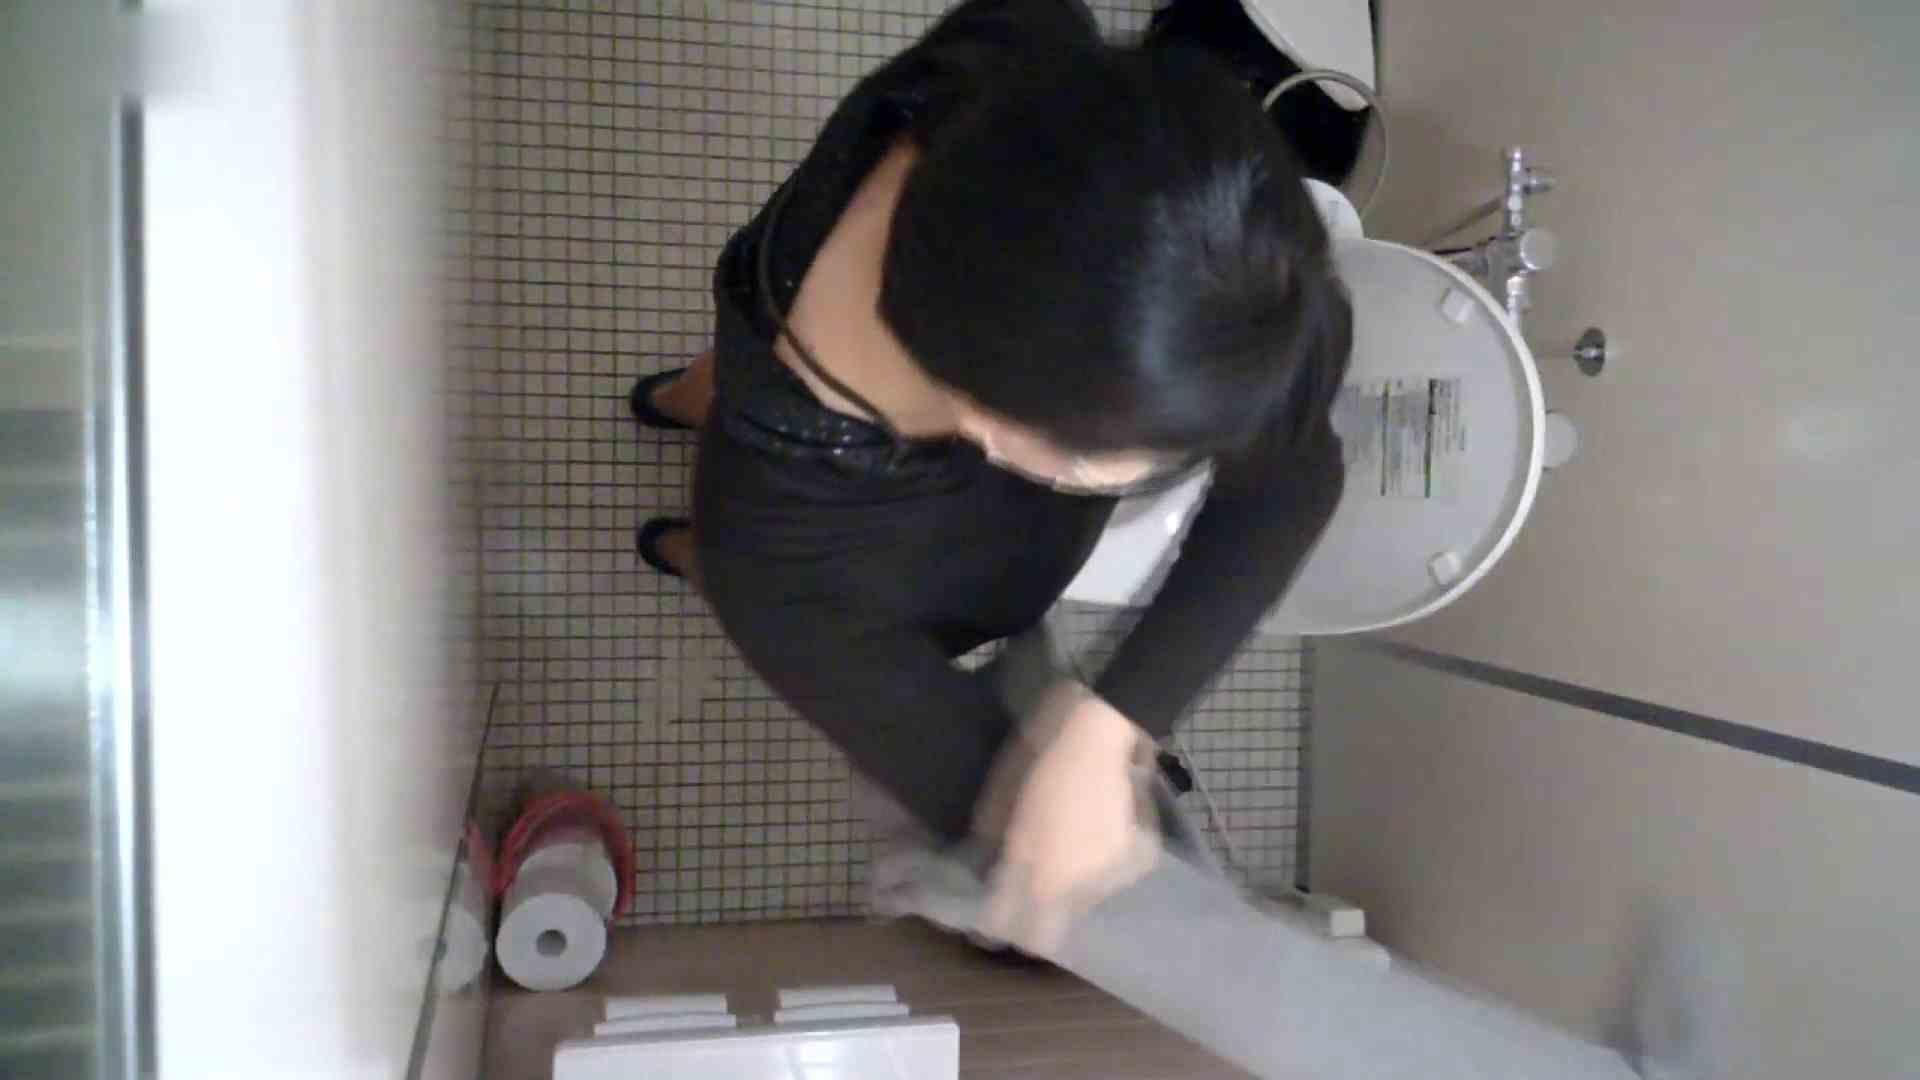 有名大学女性洗面所 vol.48 おっ、脱いじゃう感じだっ!!しかも粒ぞろい OLのエロ生活 セックス画像 113連発 62